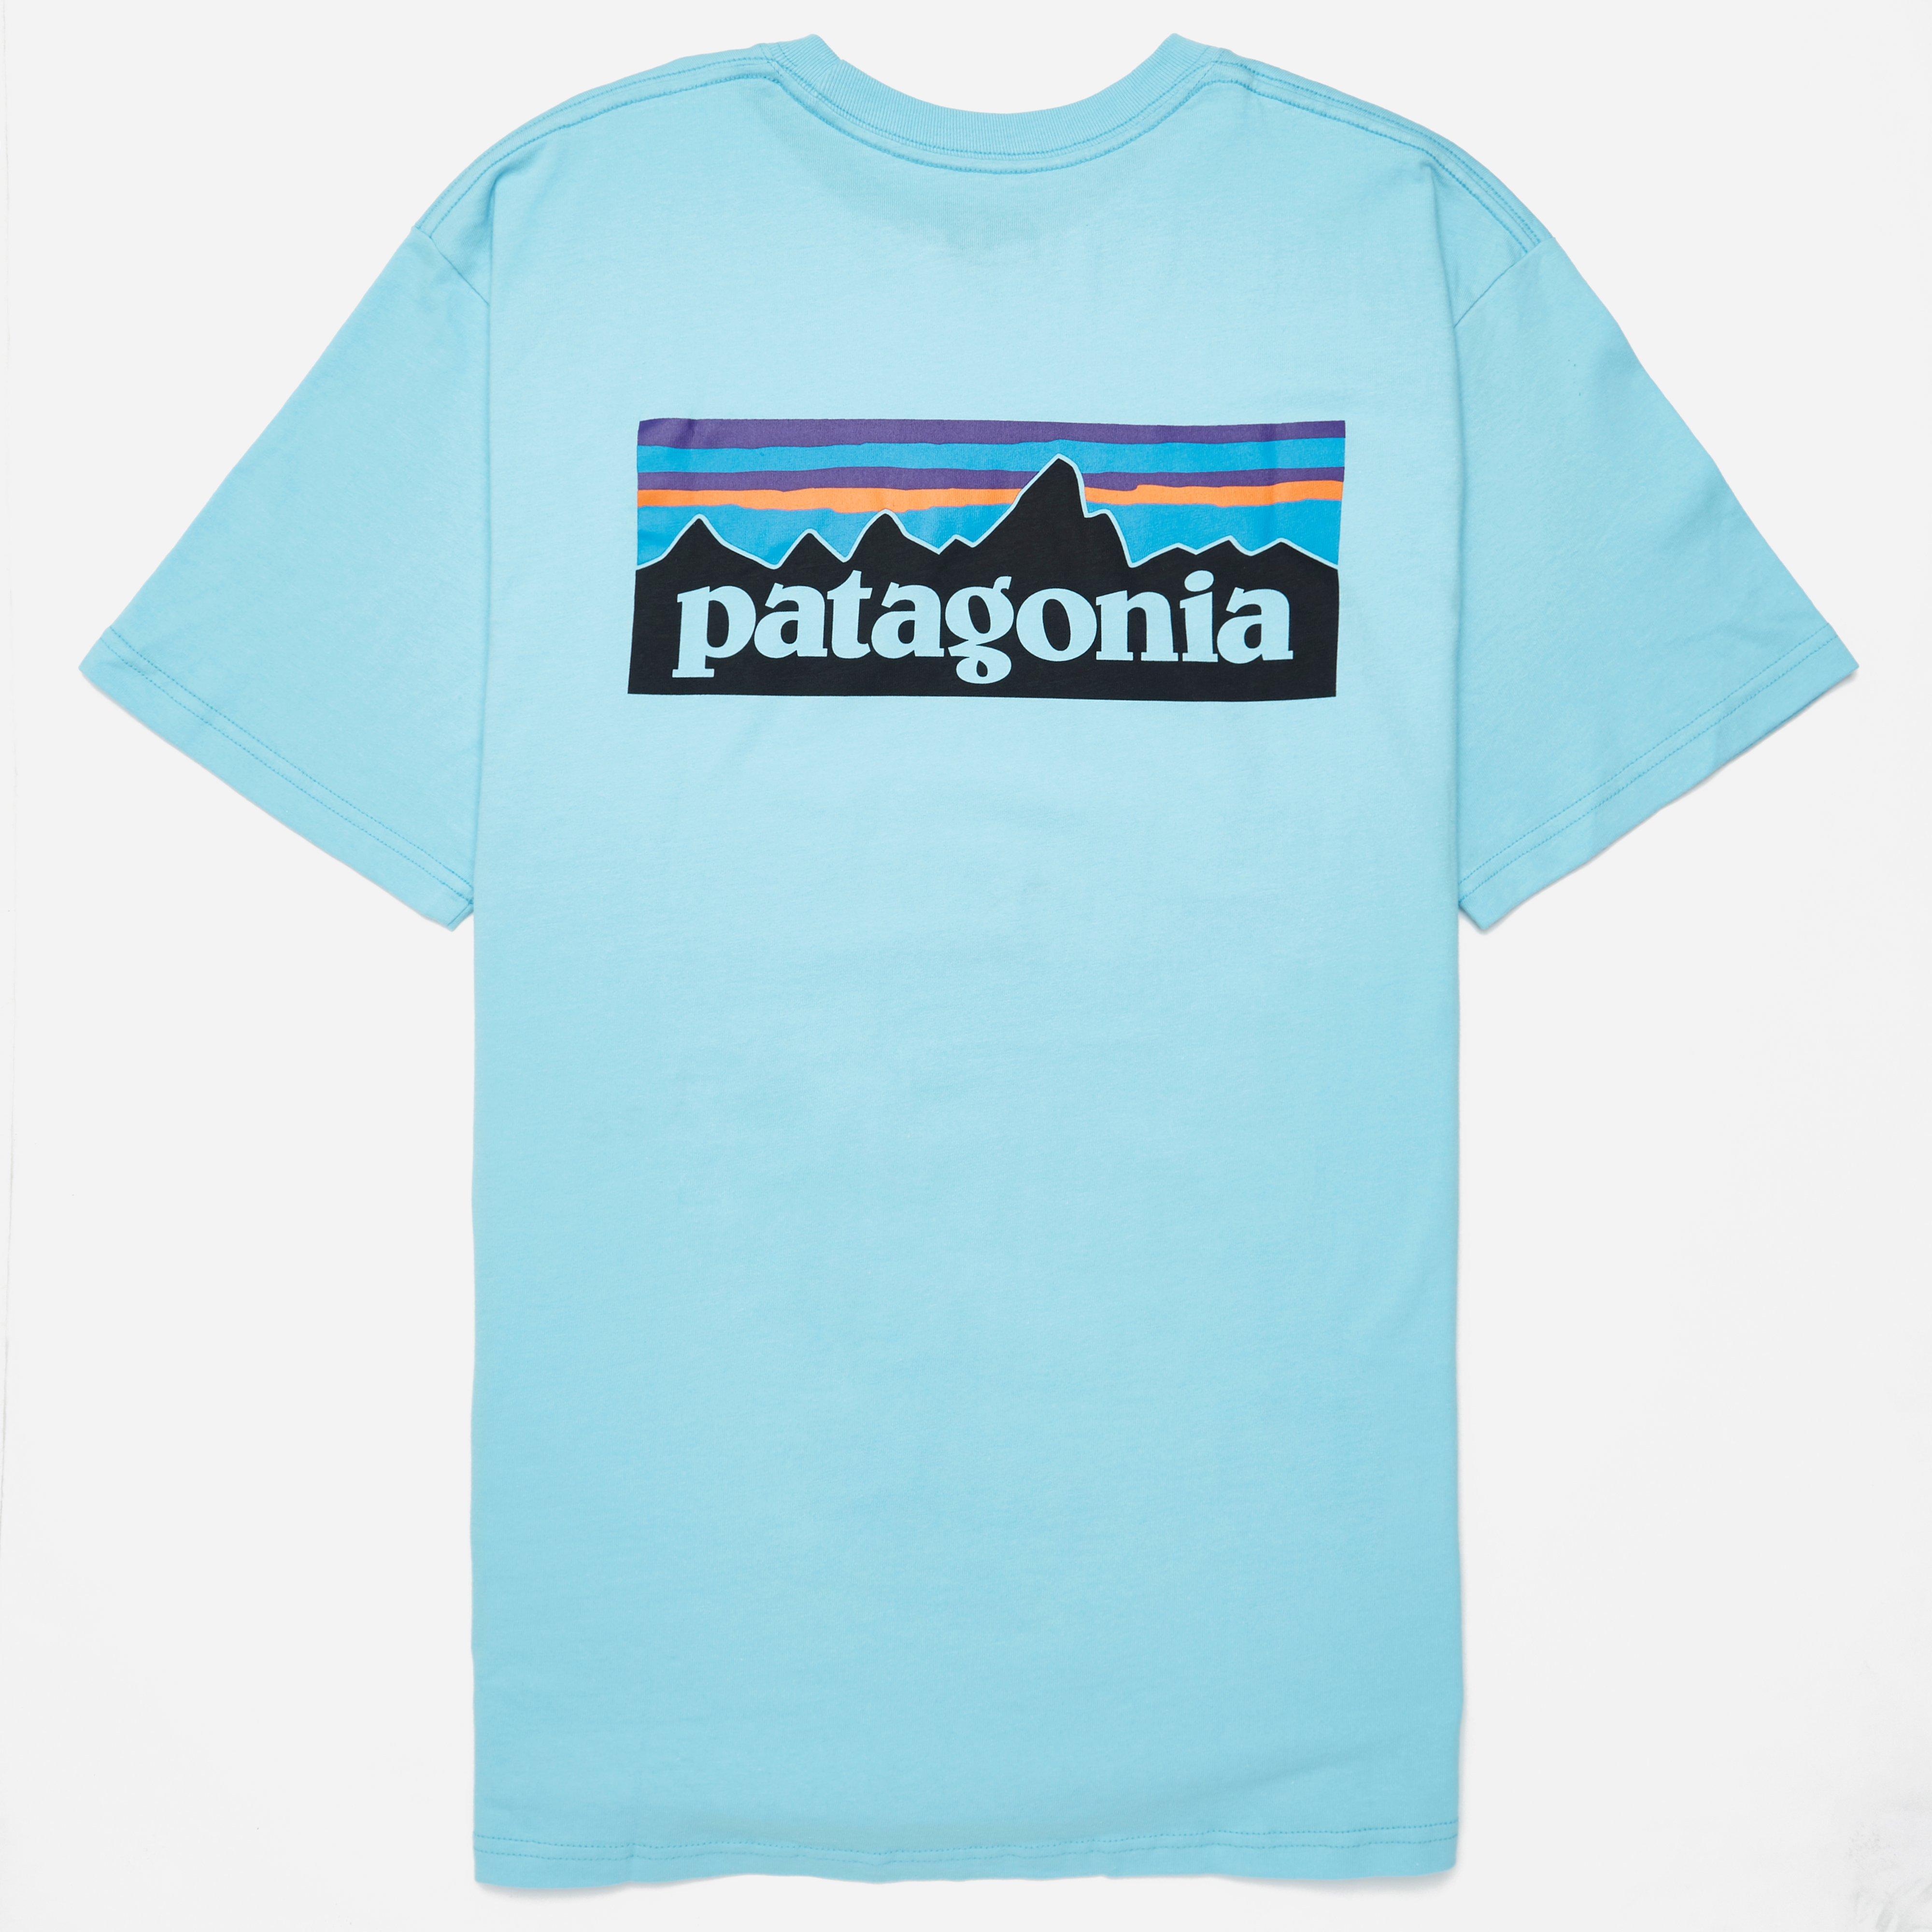 Patagonia P -6 Logo Cotton Pocket T-shirt